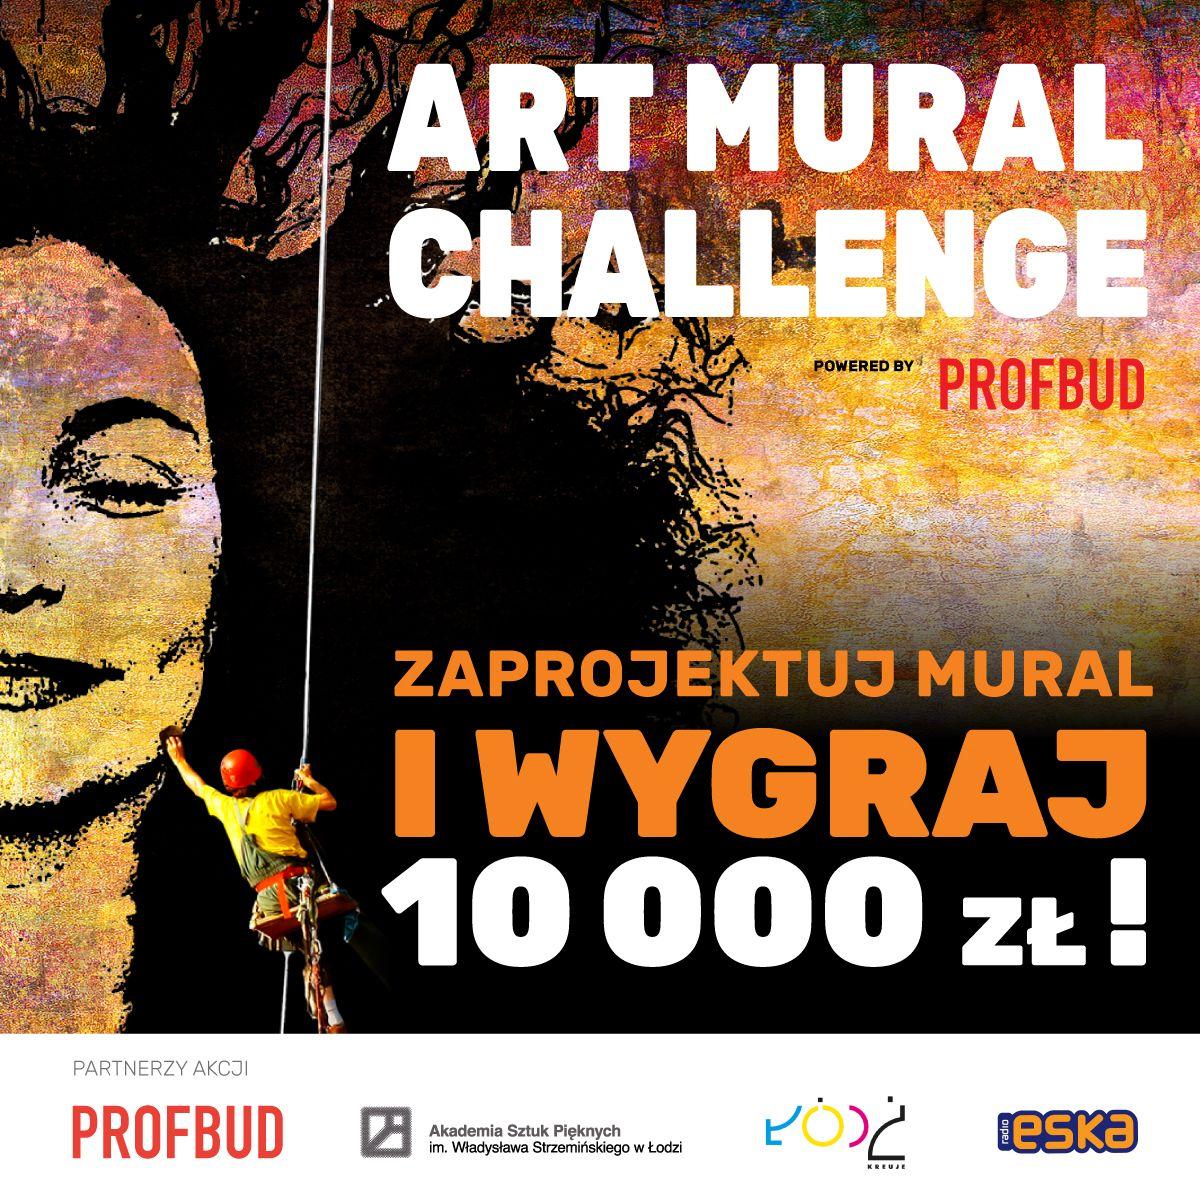 ART MURAL CHALLENGE